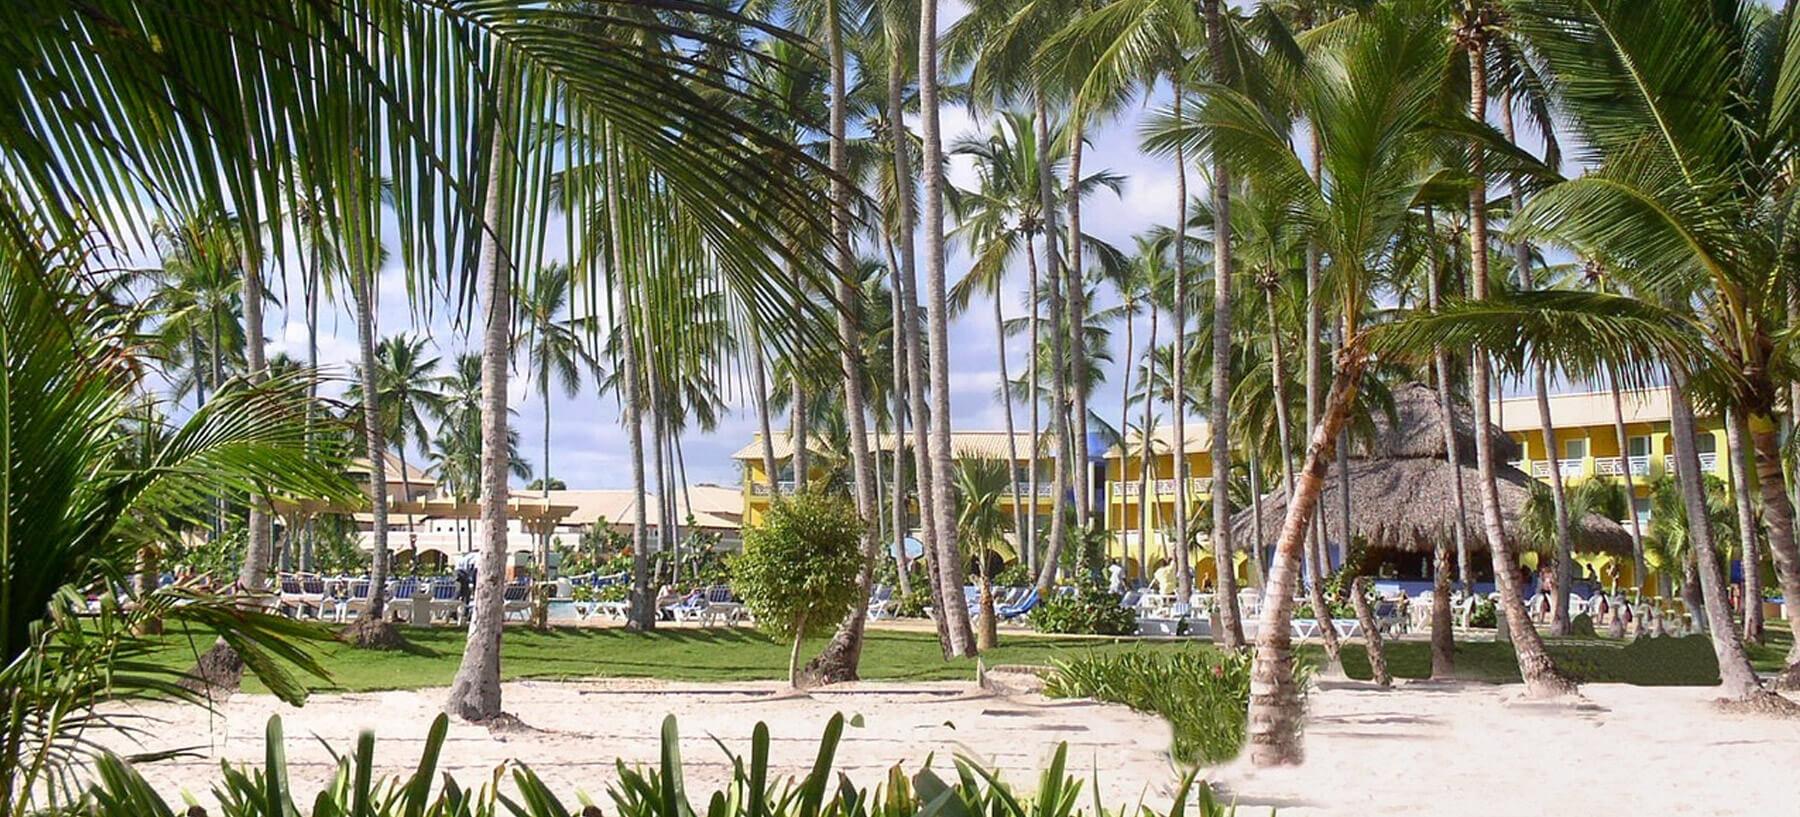 RD Aprueba 8 Proyectos Turísticos Con Inversion De 467,5 Millones De Dólares